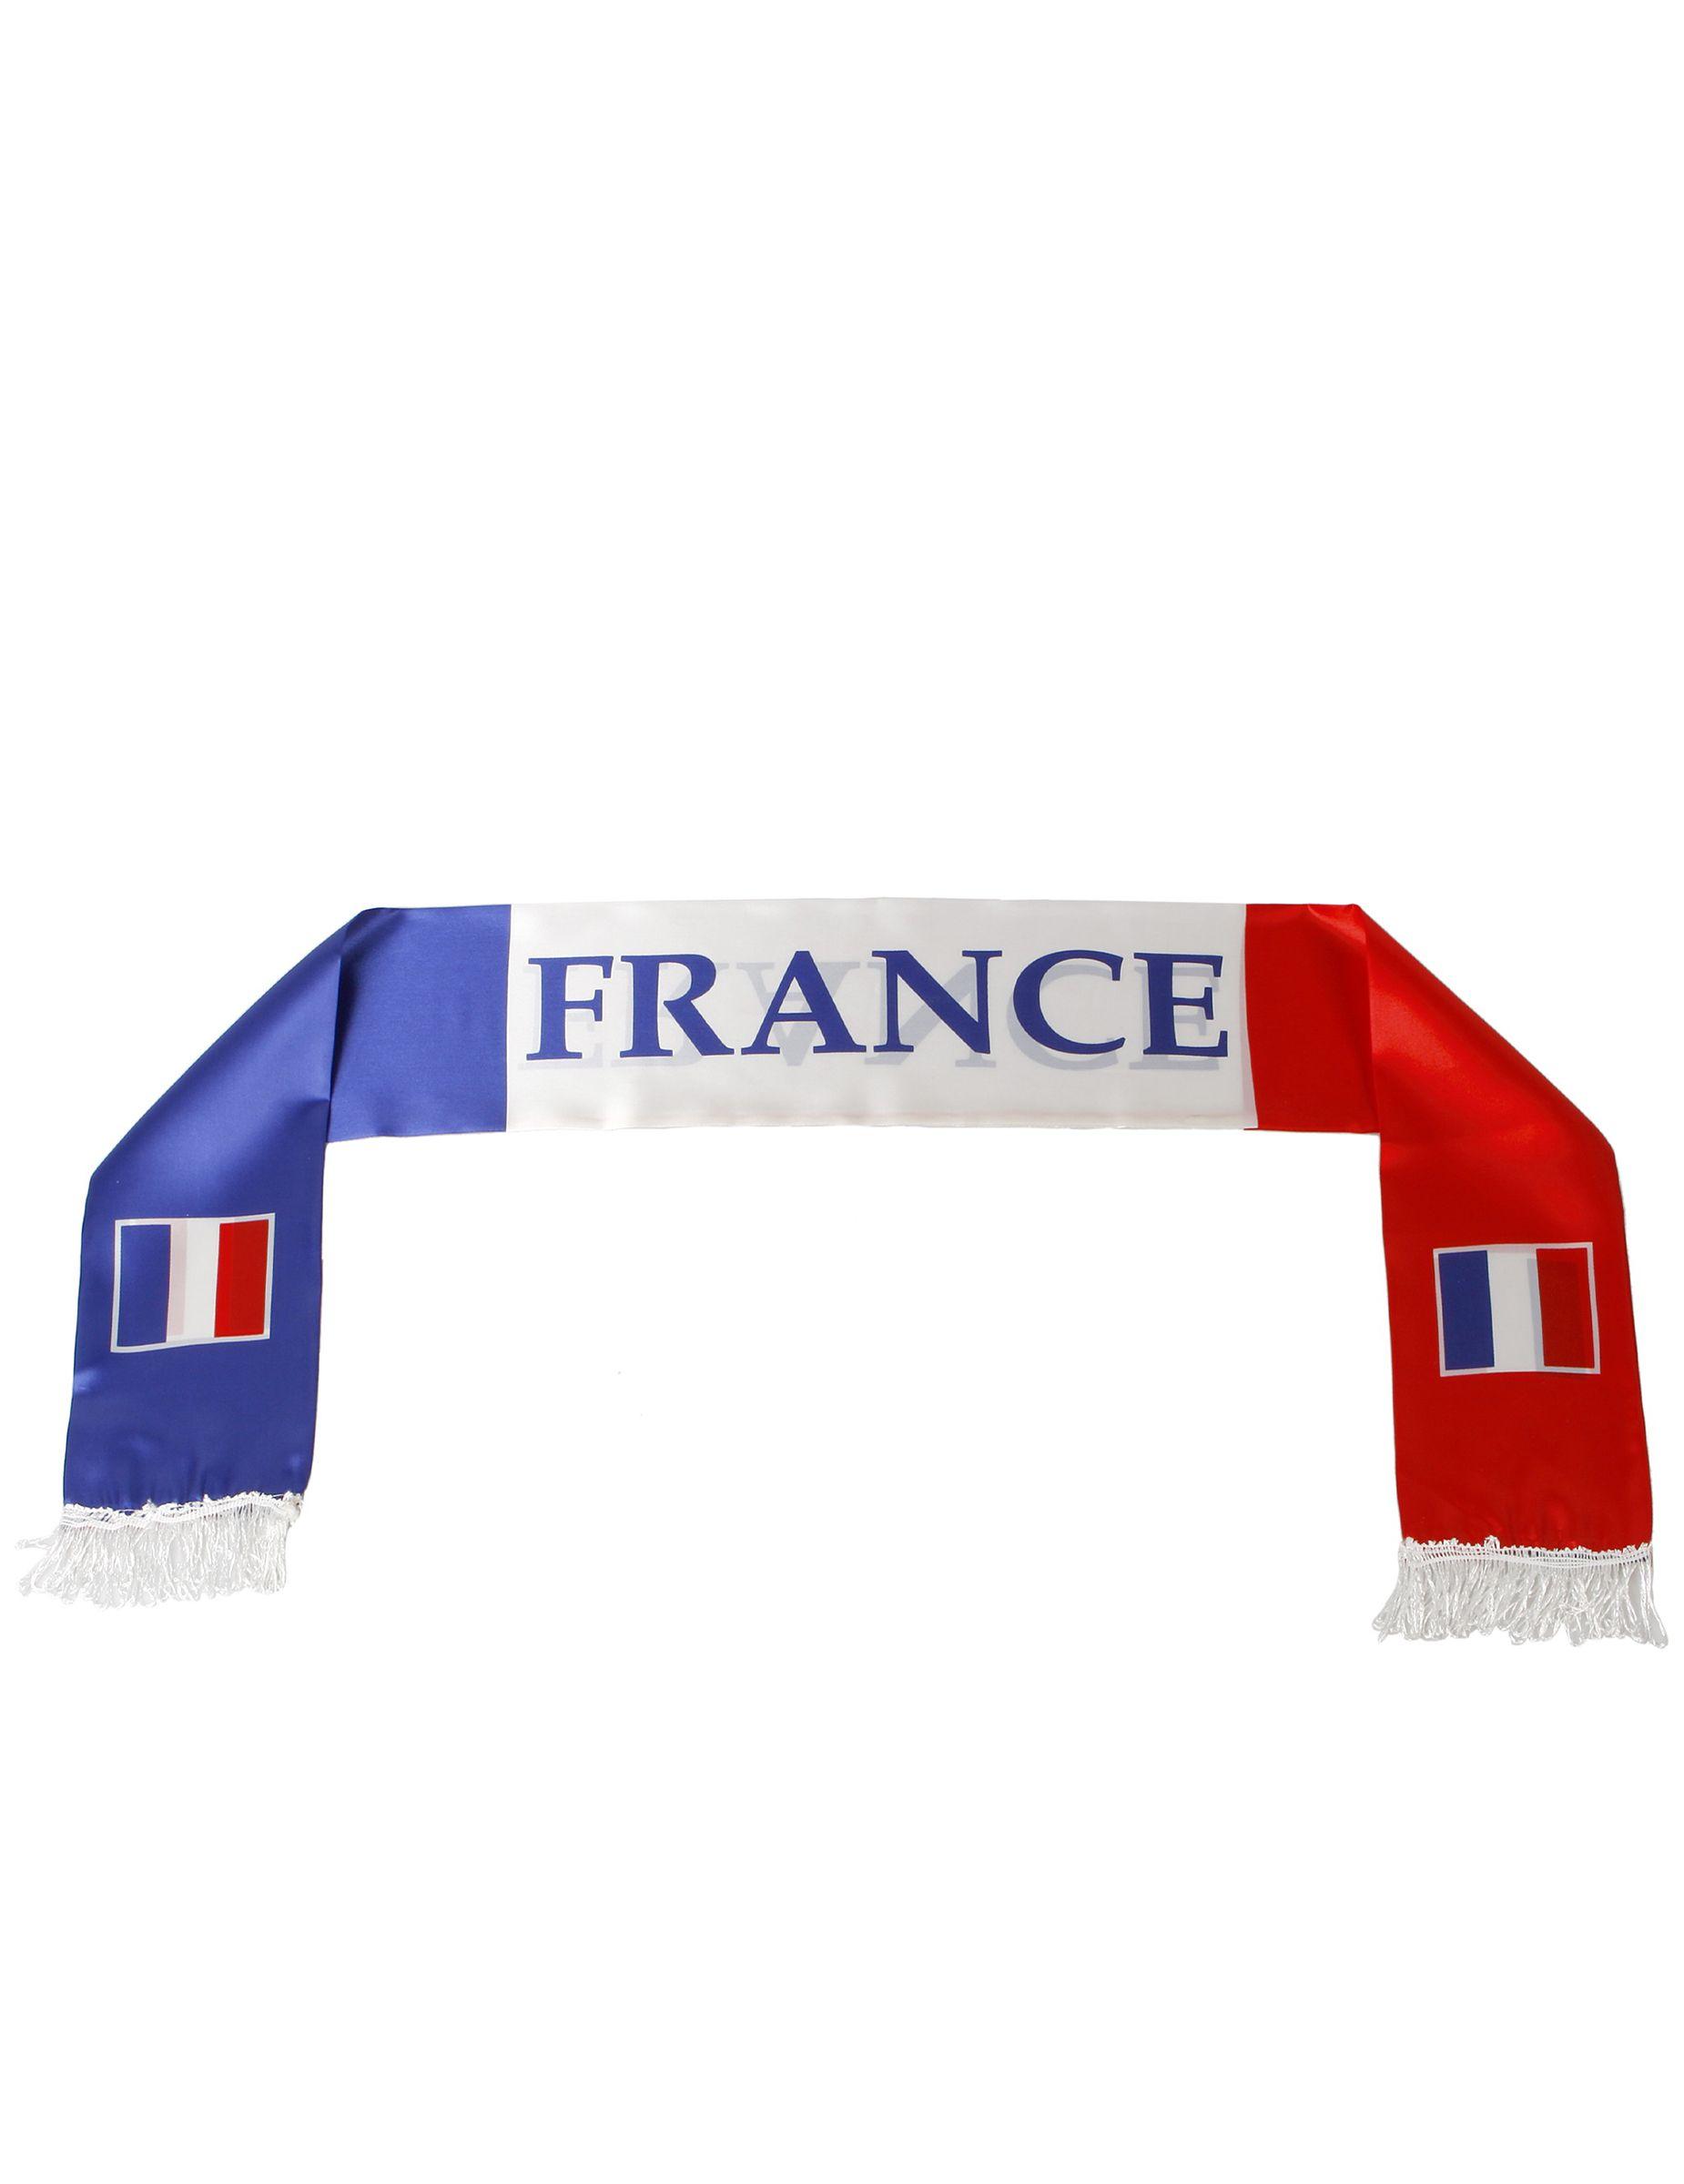 09d0db5d482 Echarpe supporter France   Cette écharpe de supporter est aux couleurs de  la France.Elle est bleu